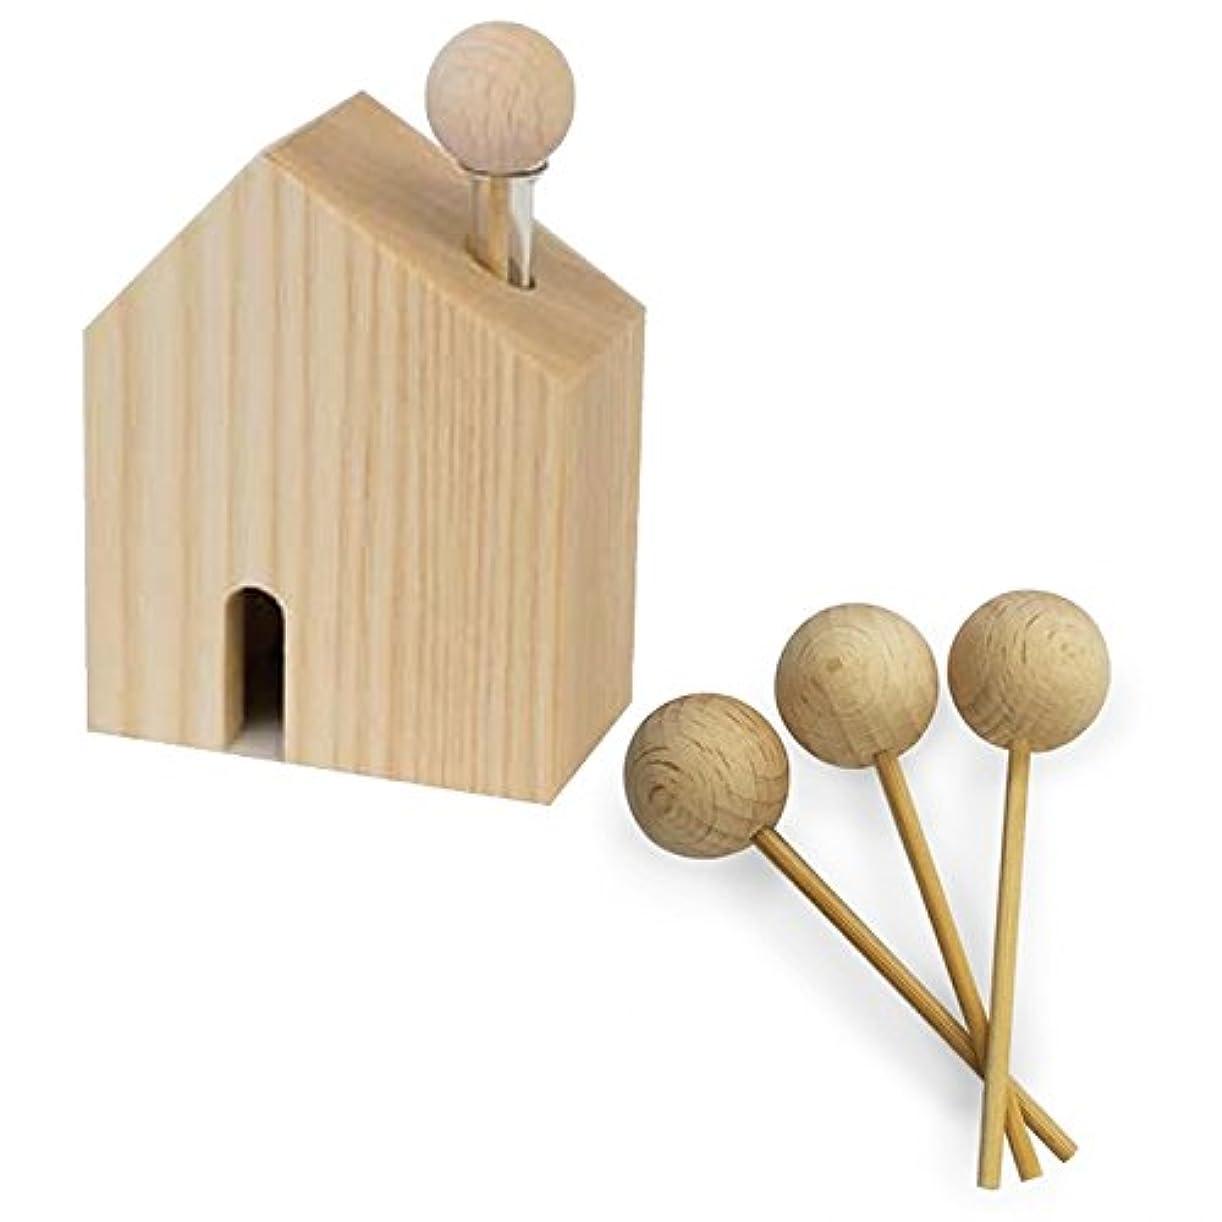 ワークショップスクレーパーセールHARIO ハリオ アロマ芳香器 木のお家 交換用木製スティック3本付